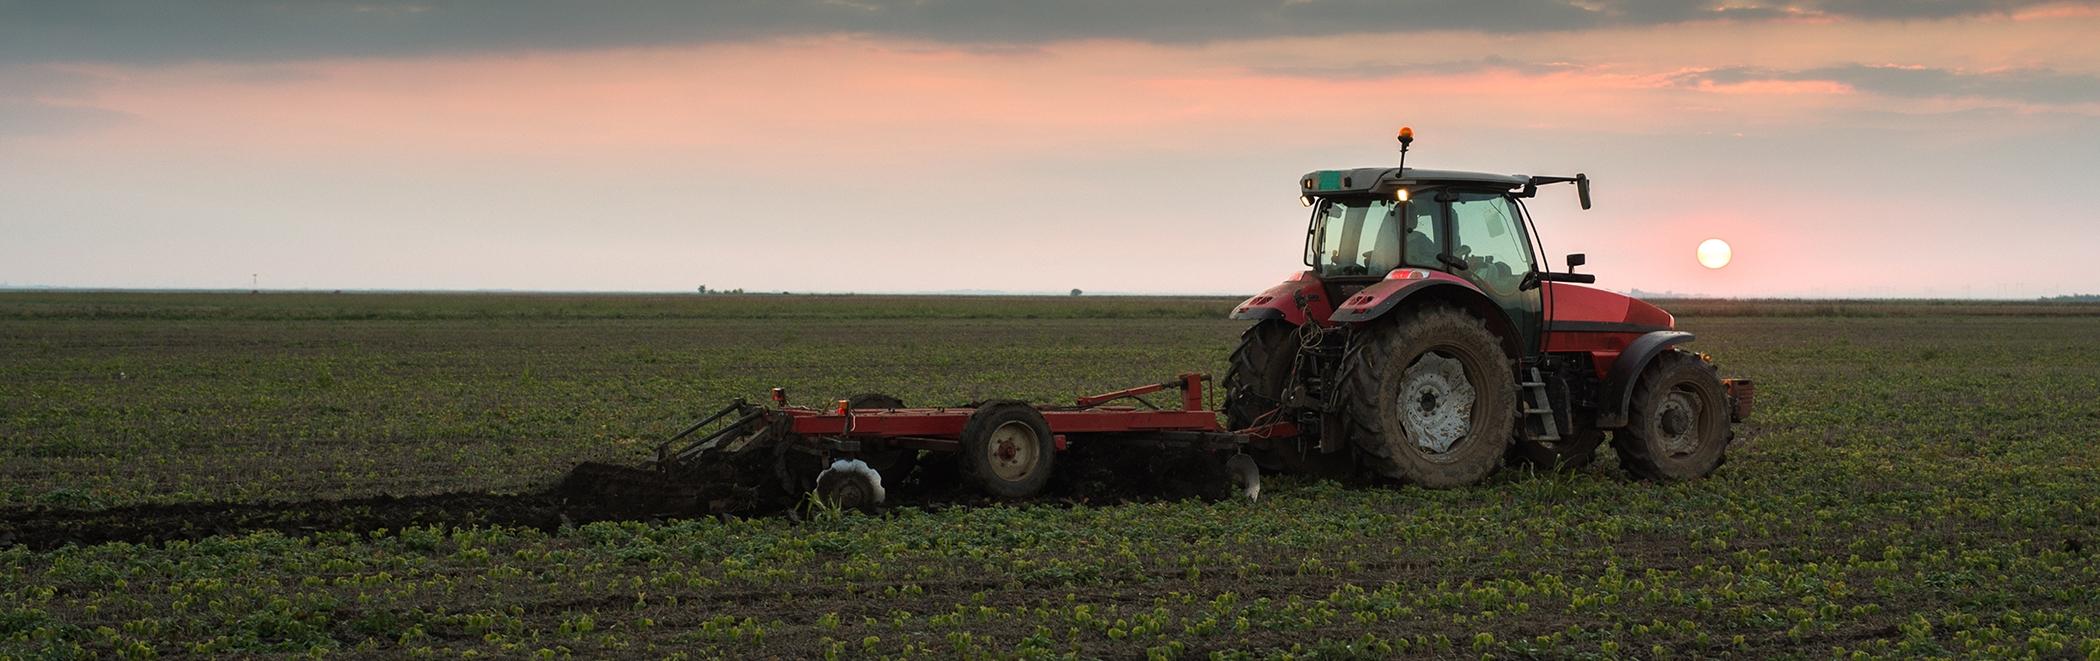 Agriculture Sourcing Slider